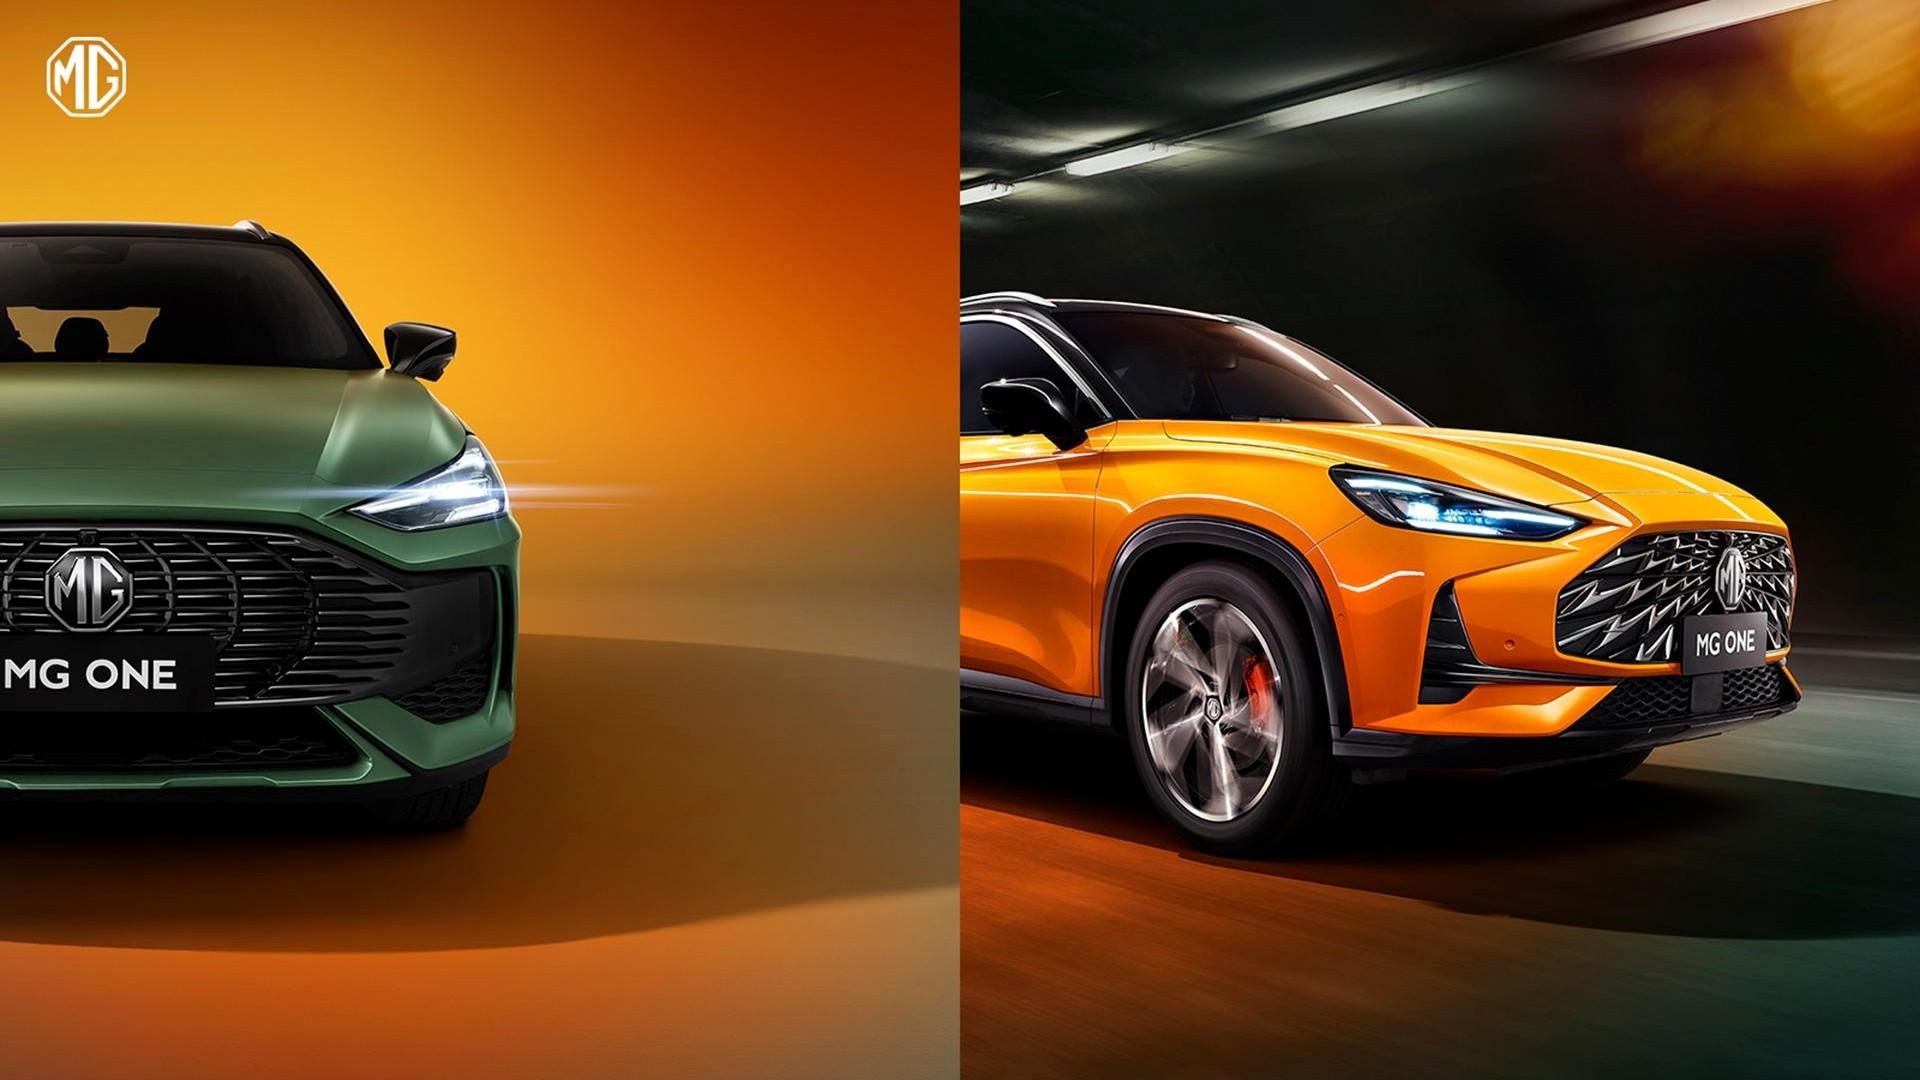 Кроссовер MG One готовится к дебюту: новые фотографии